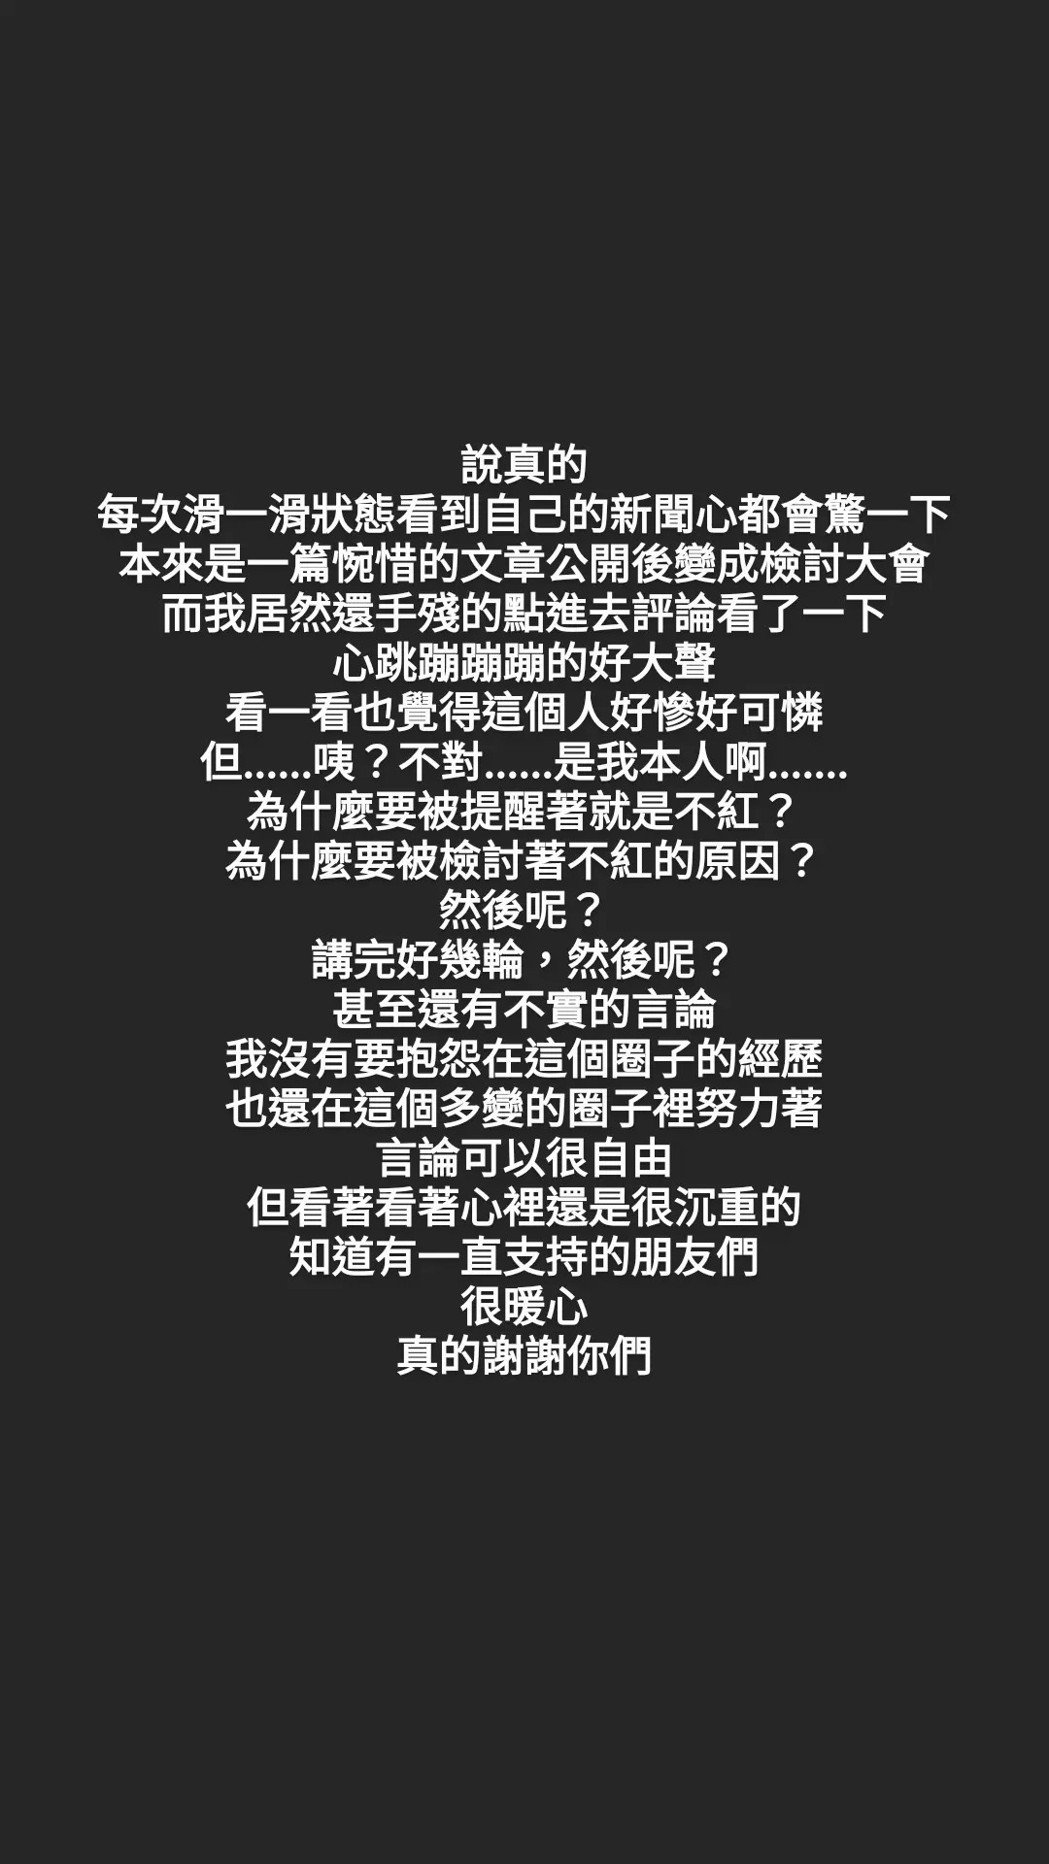 郭靜回應網友熱議她不紅的原因。 圖/擷自郭靜IG